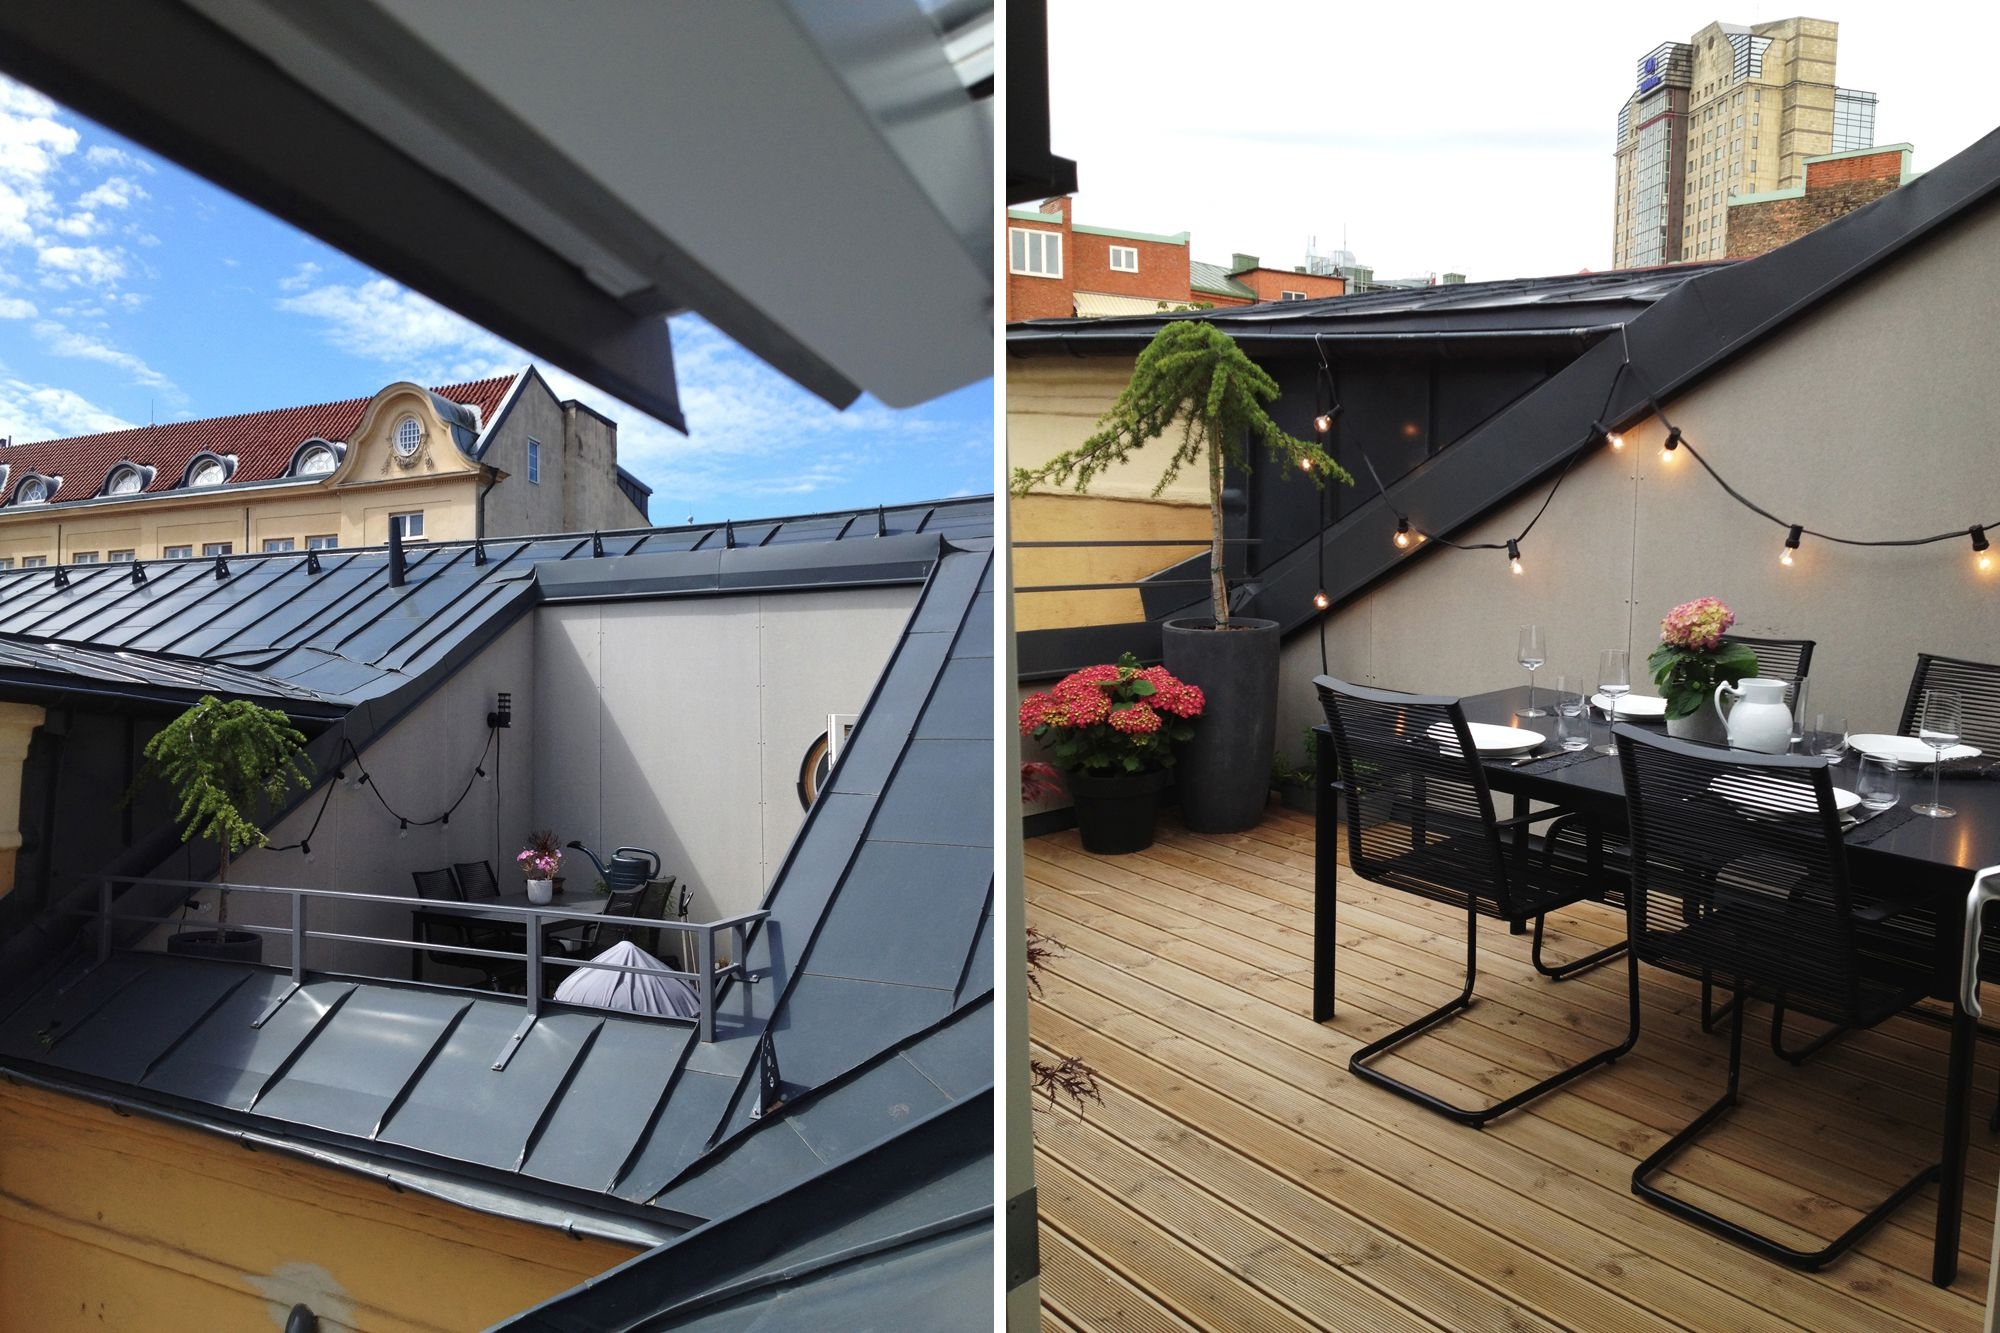 D plex con terraza blog tienda decoraci n estilo n rdico for Comedores exteriores para terrazas